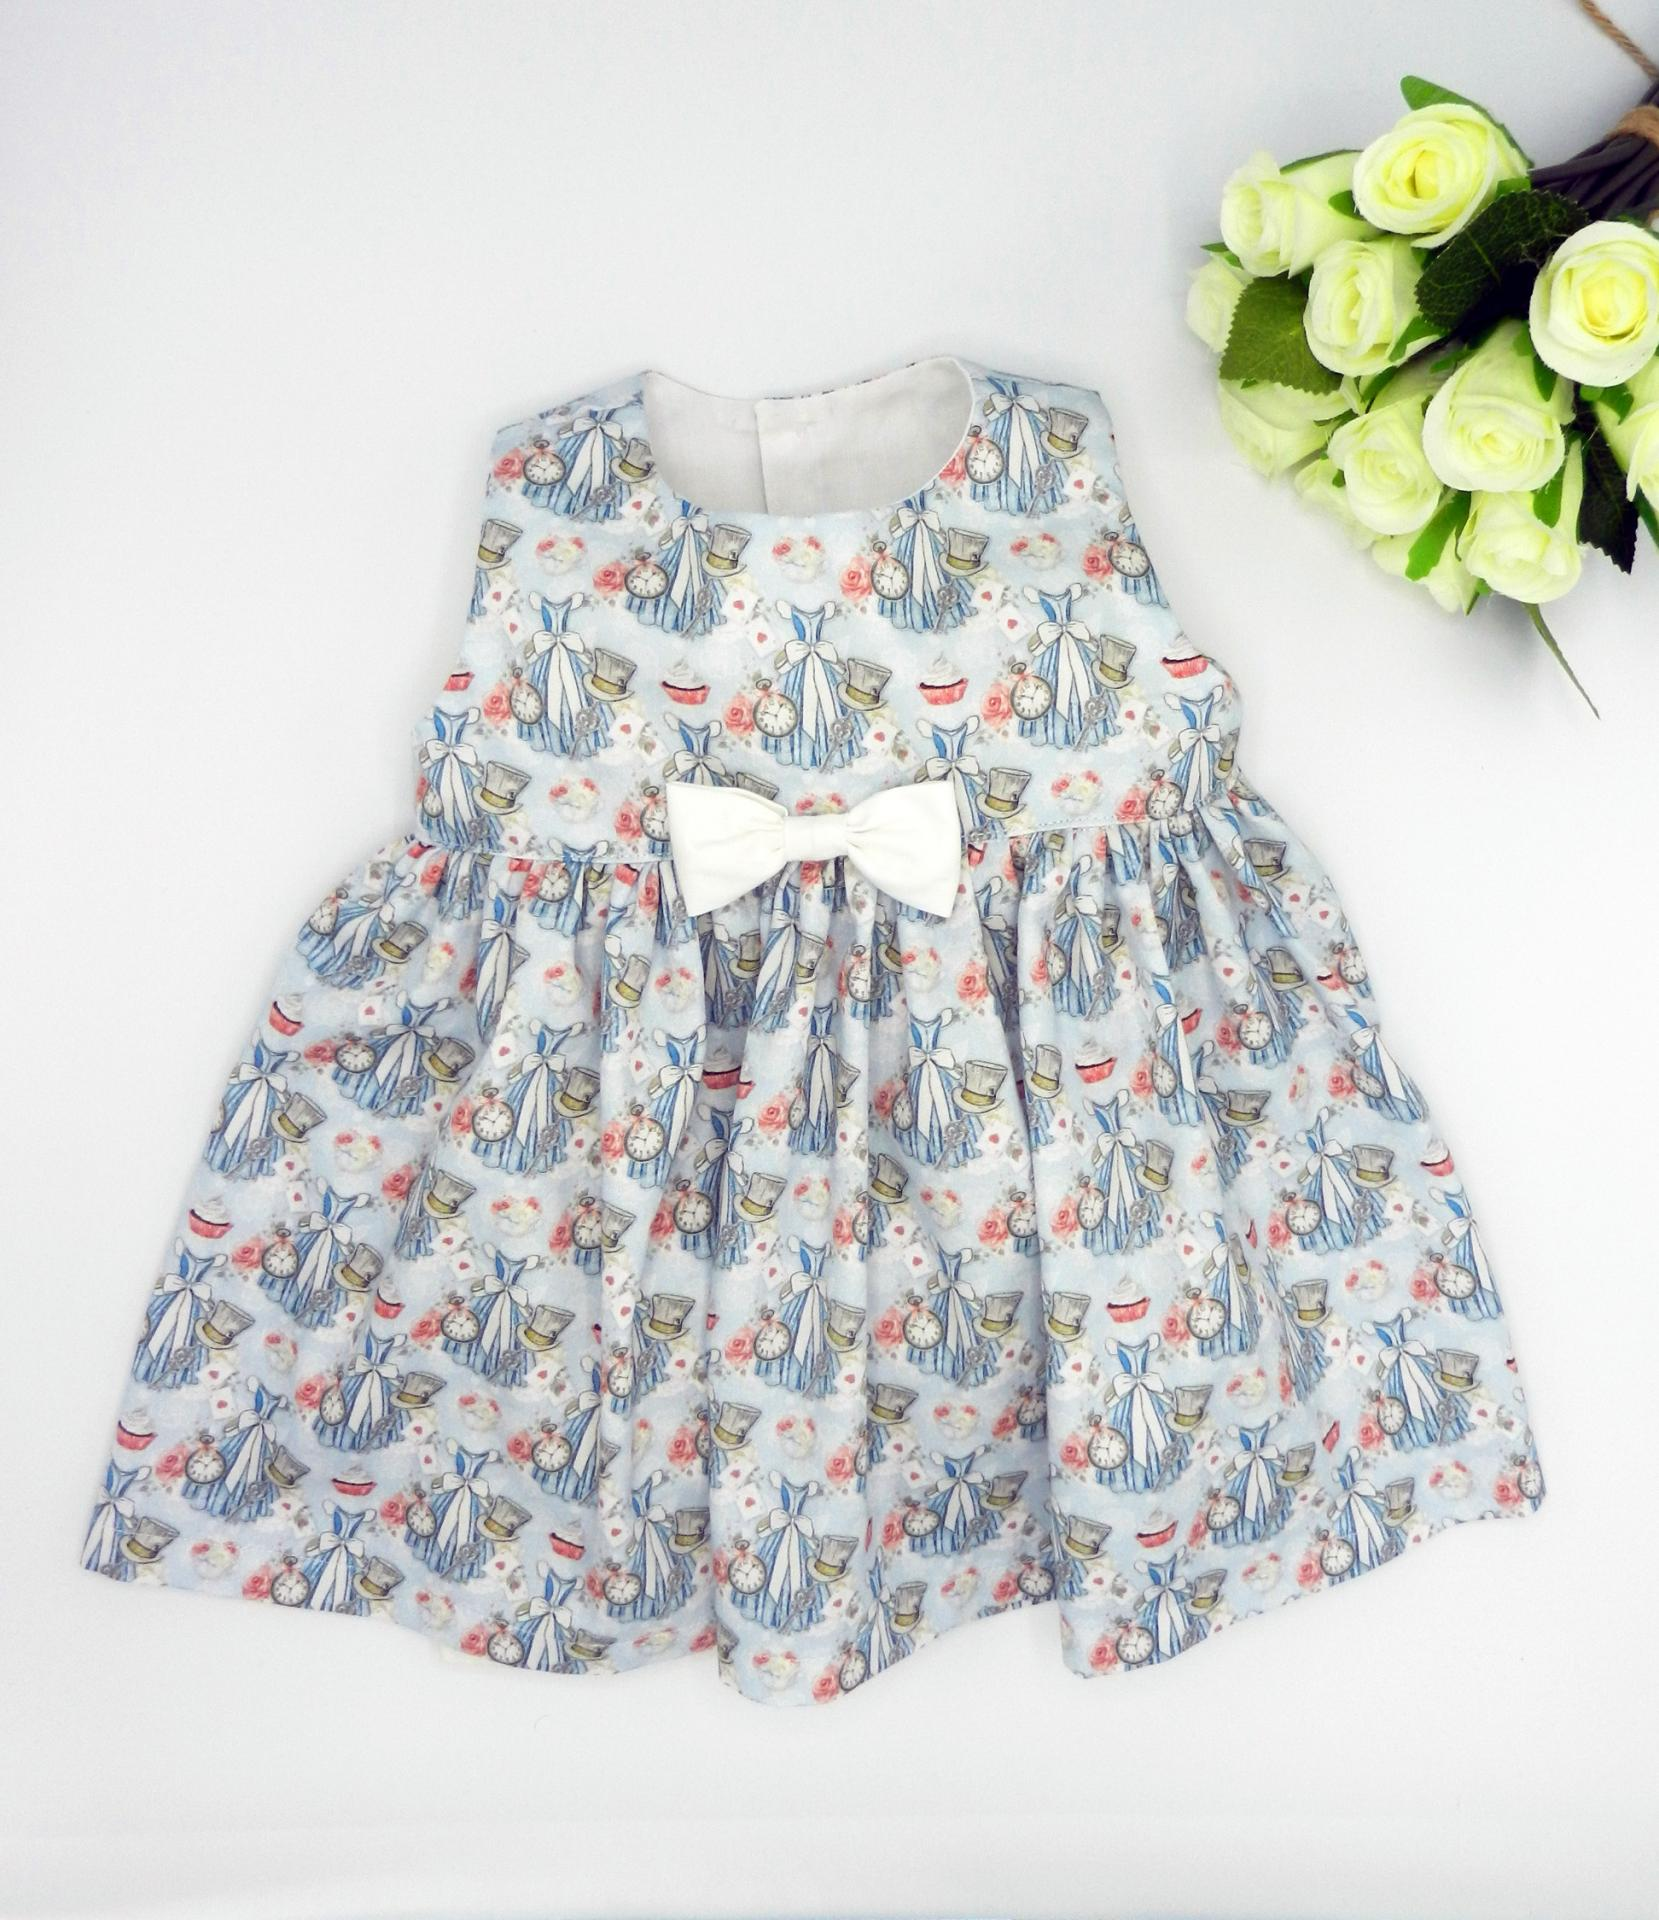 Duchesse or ange doa 308b robe sans manches merveilles bleues noeud blanc sur le devant a